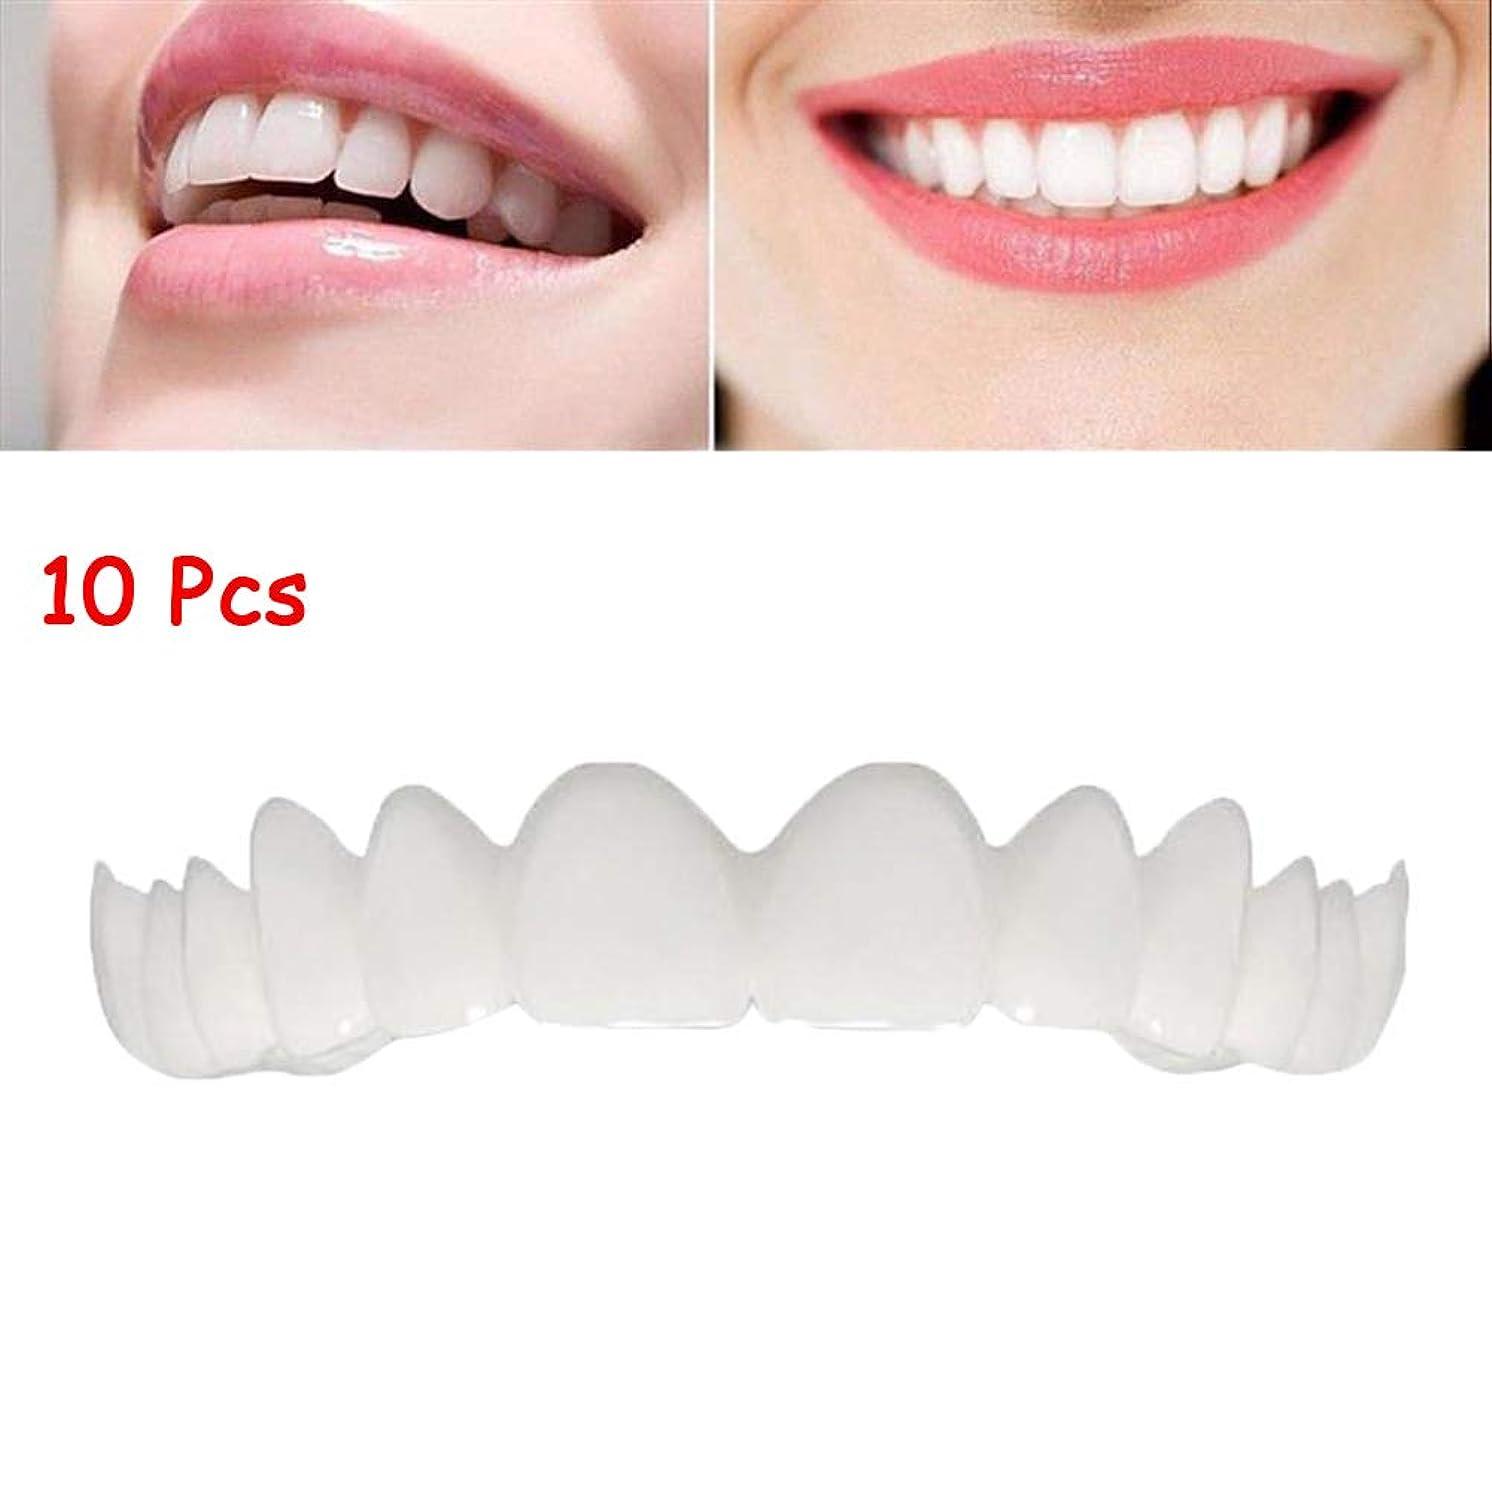 コイル不純葬儀10個の一時的な化粧品の歯の義歯は歯を白くするブレースを模擬